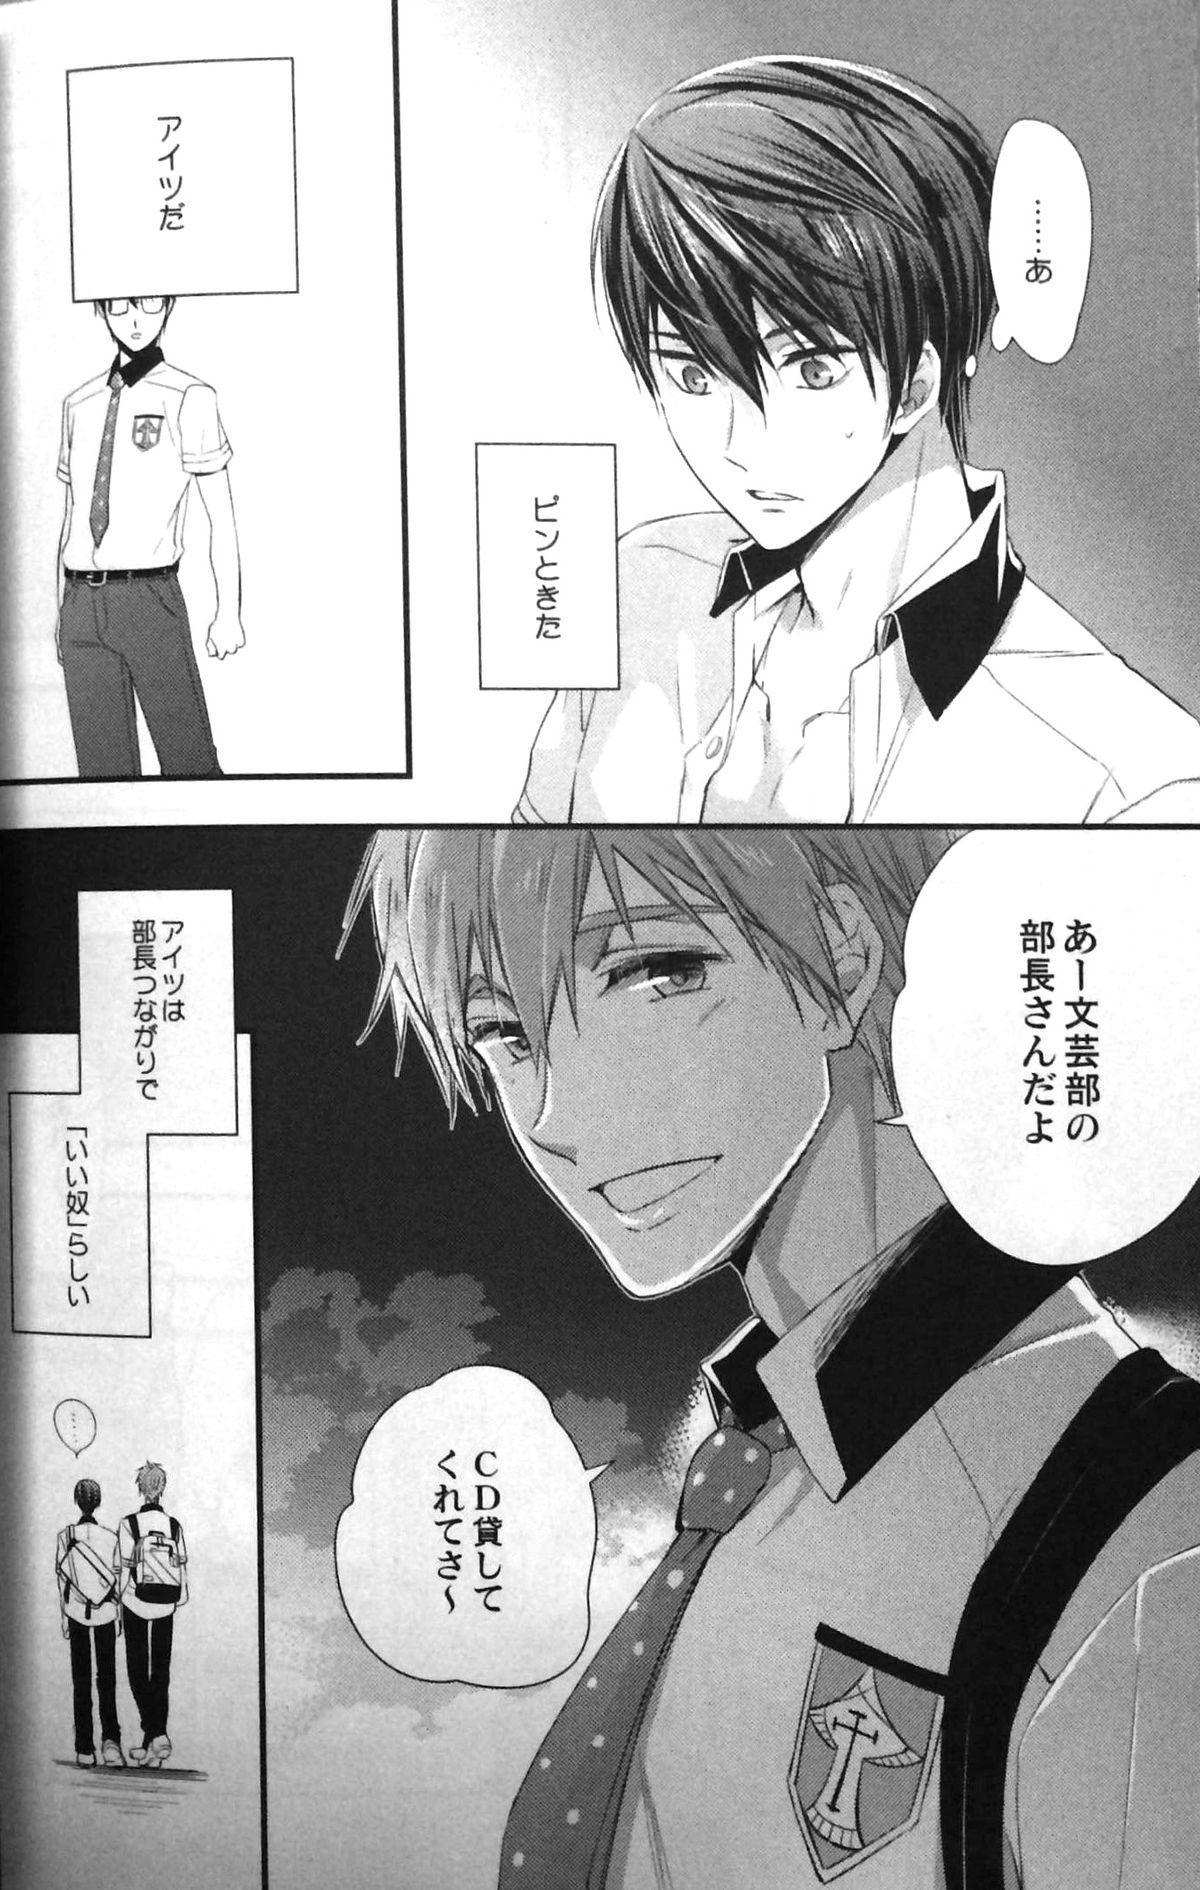 Basuke buchou ni Kokuhaku saretara Haru ni Okorareta 8